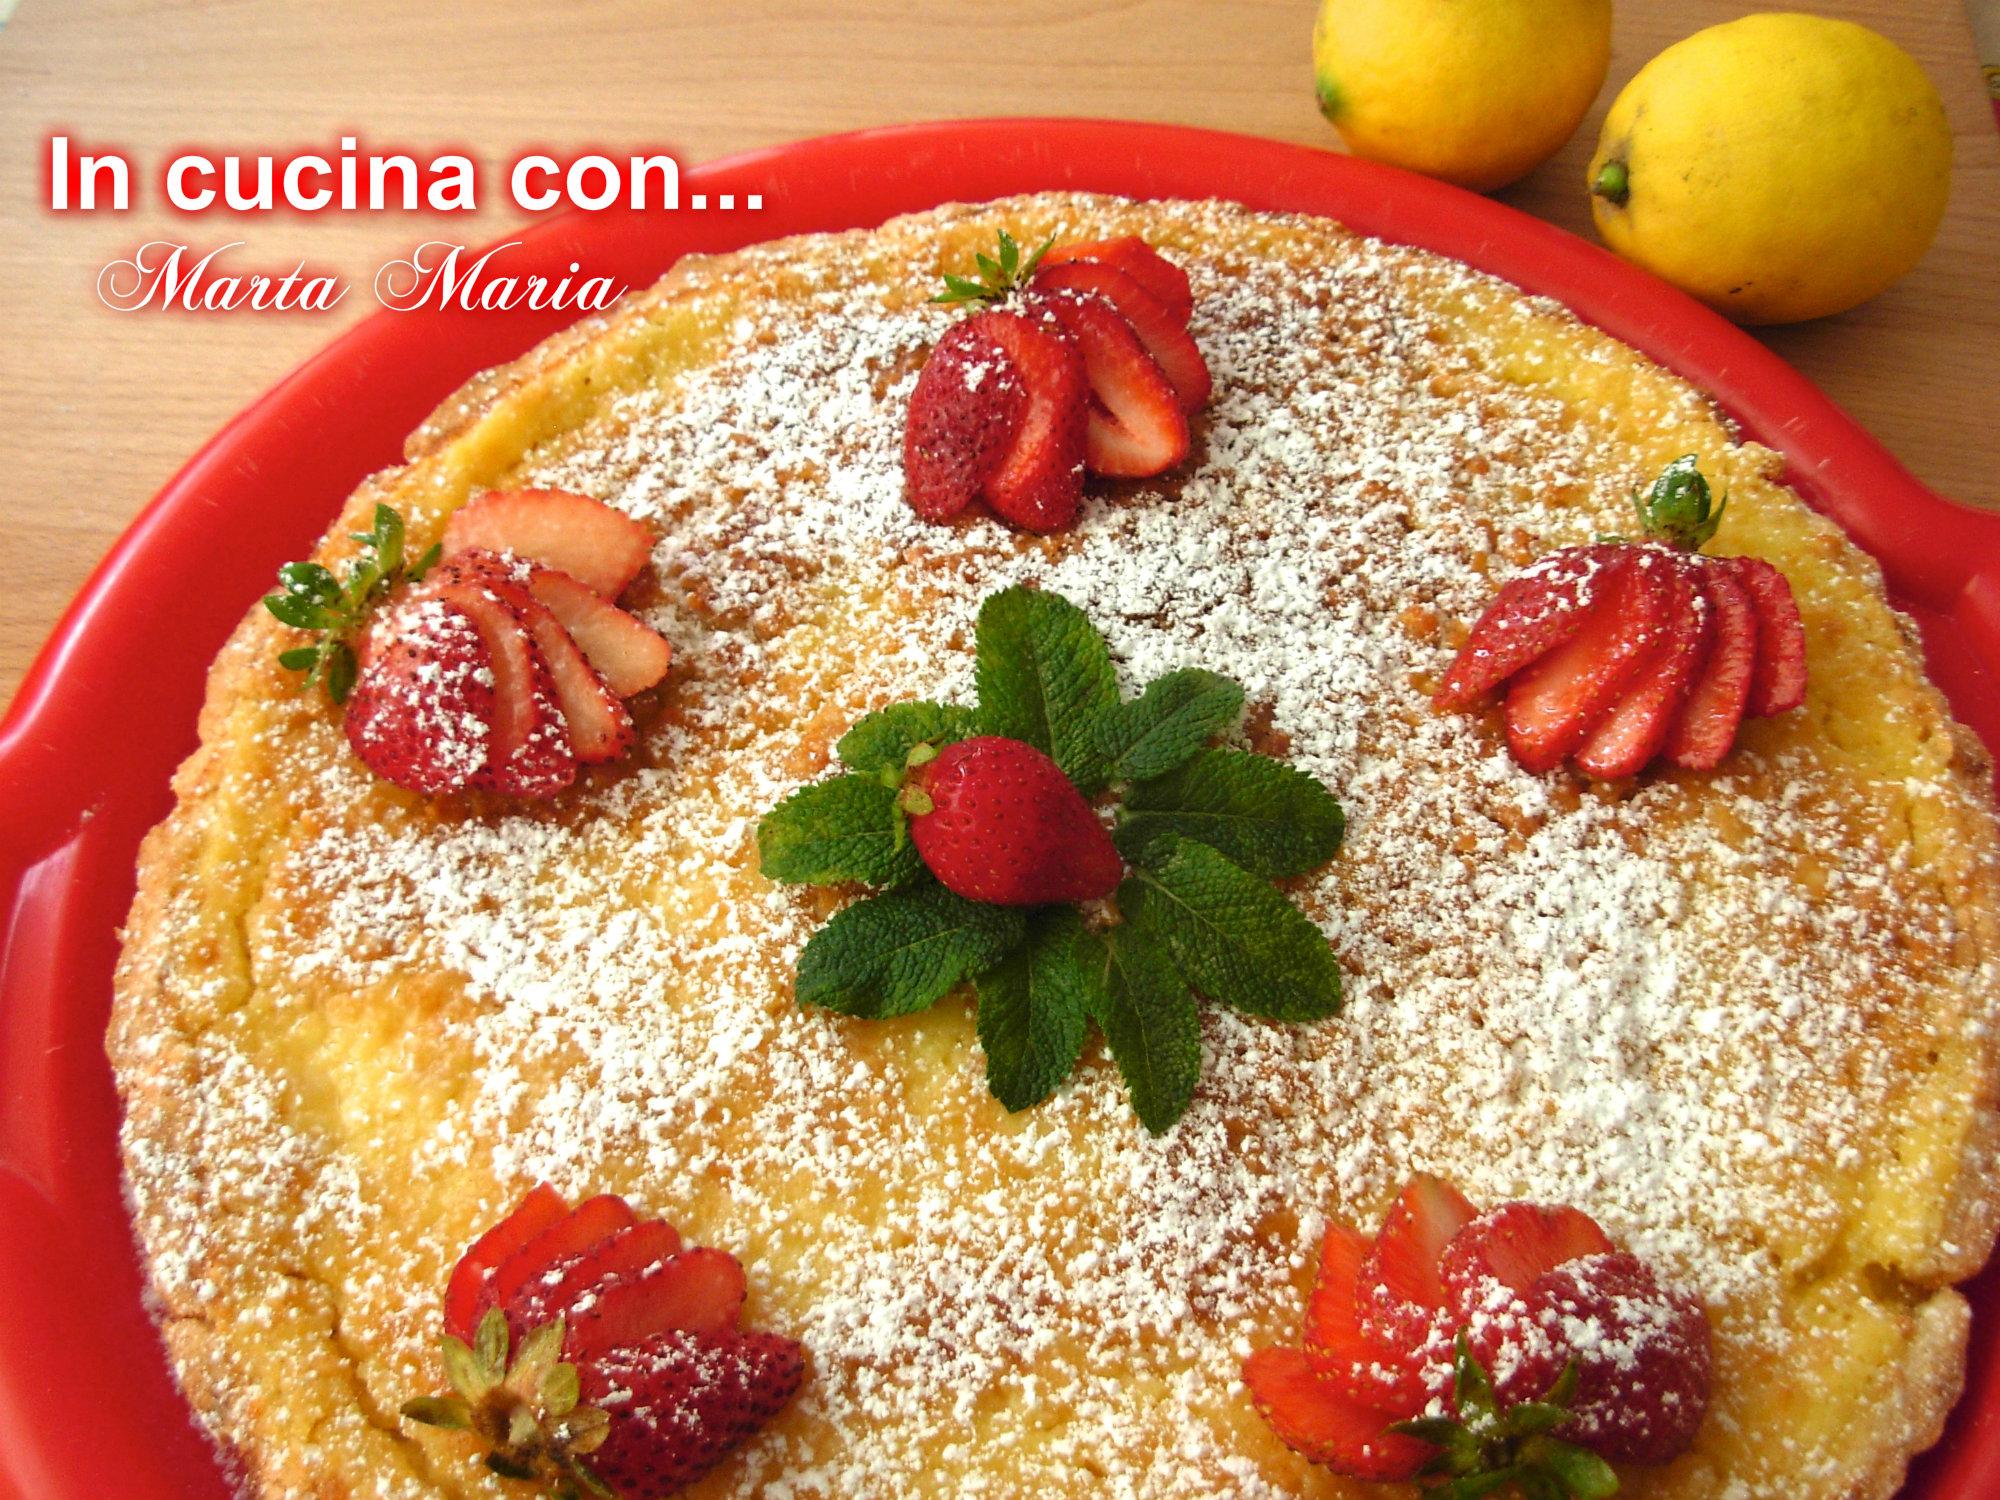 GELATO AL LIMONE, ricetta Bimby - In Cucina con ... Marta Maria